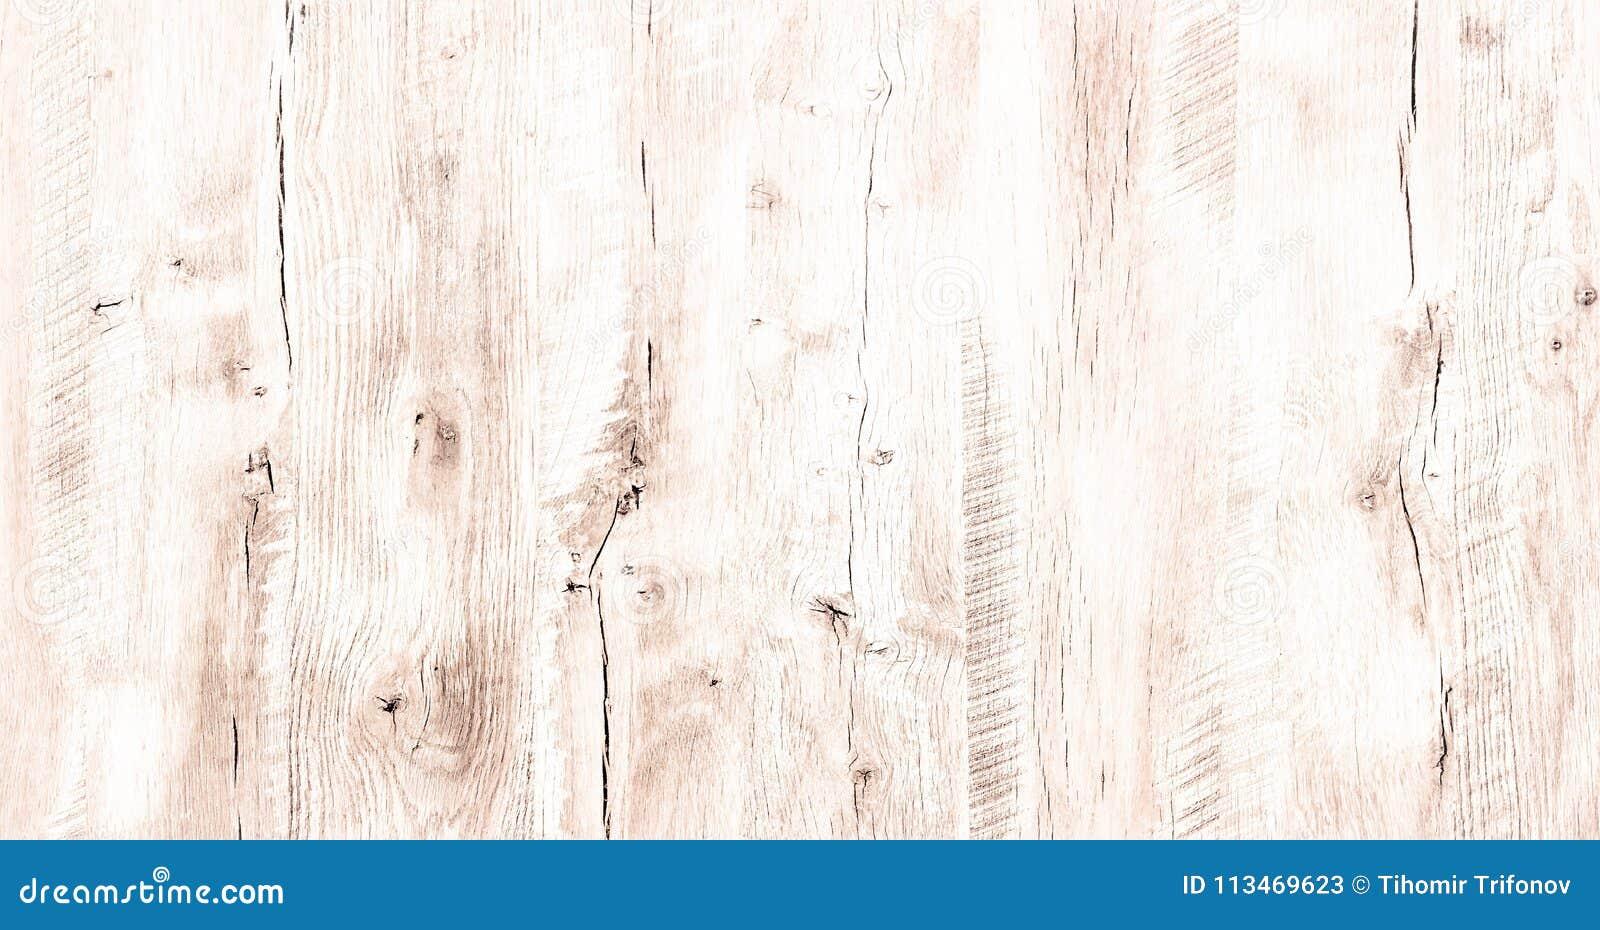 Lekkiego białego obmycia tekstury miękka drewniana powierzchnia jako tło Grunge białkujący drewnianego deska stołu wzoru odgórny